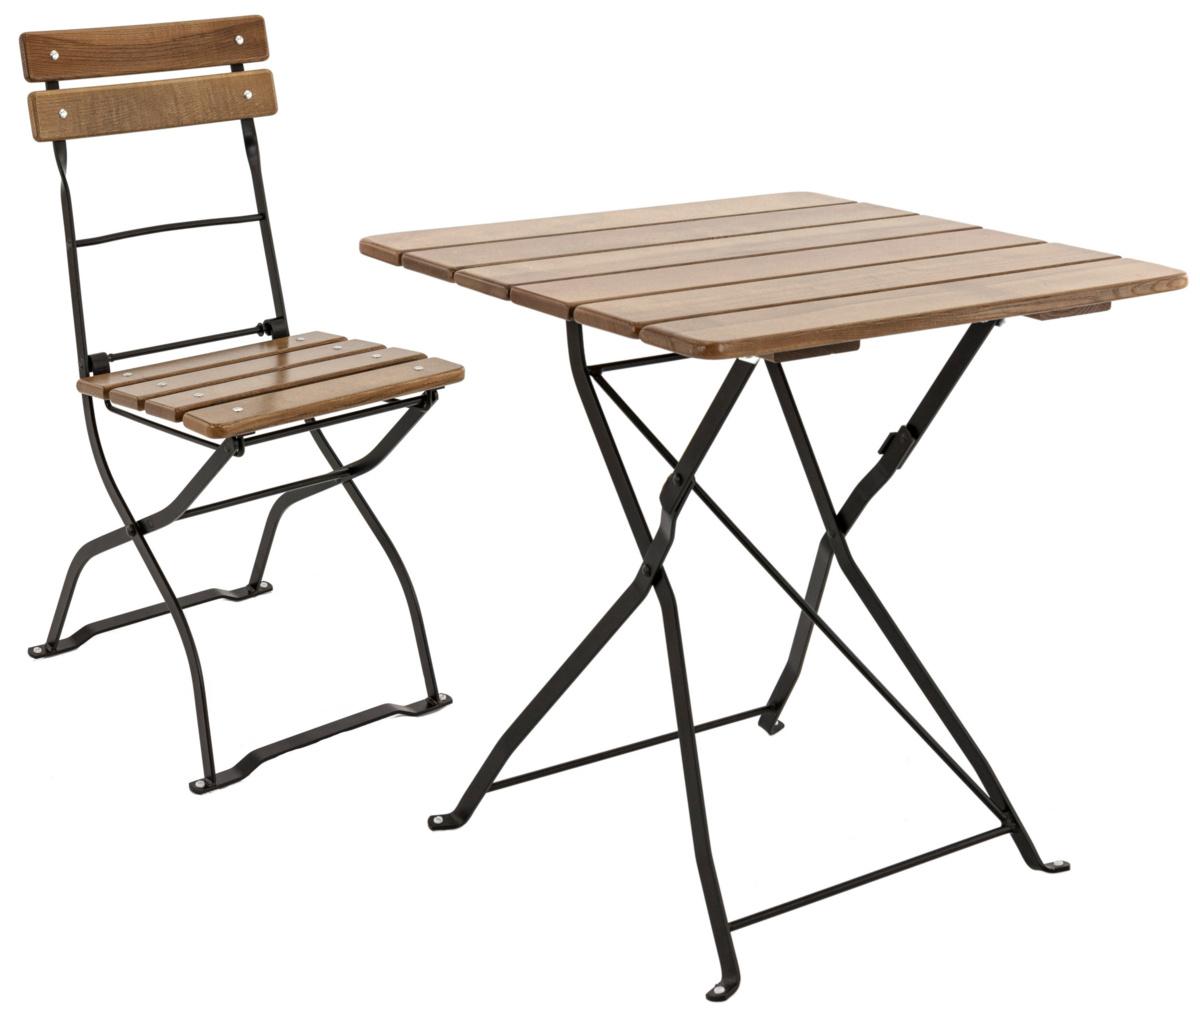 Table pliante old grey 70x70 cm Max